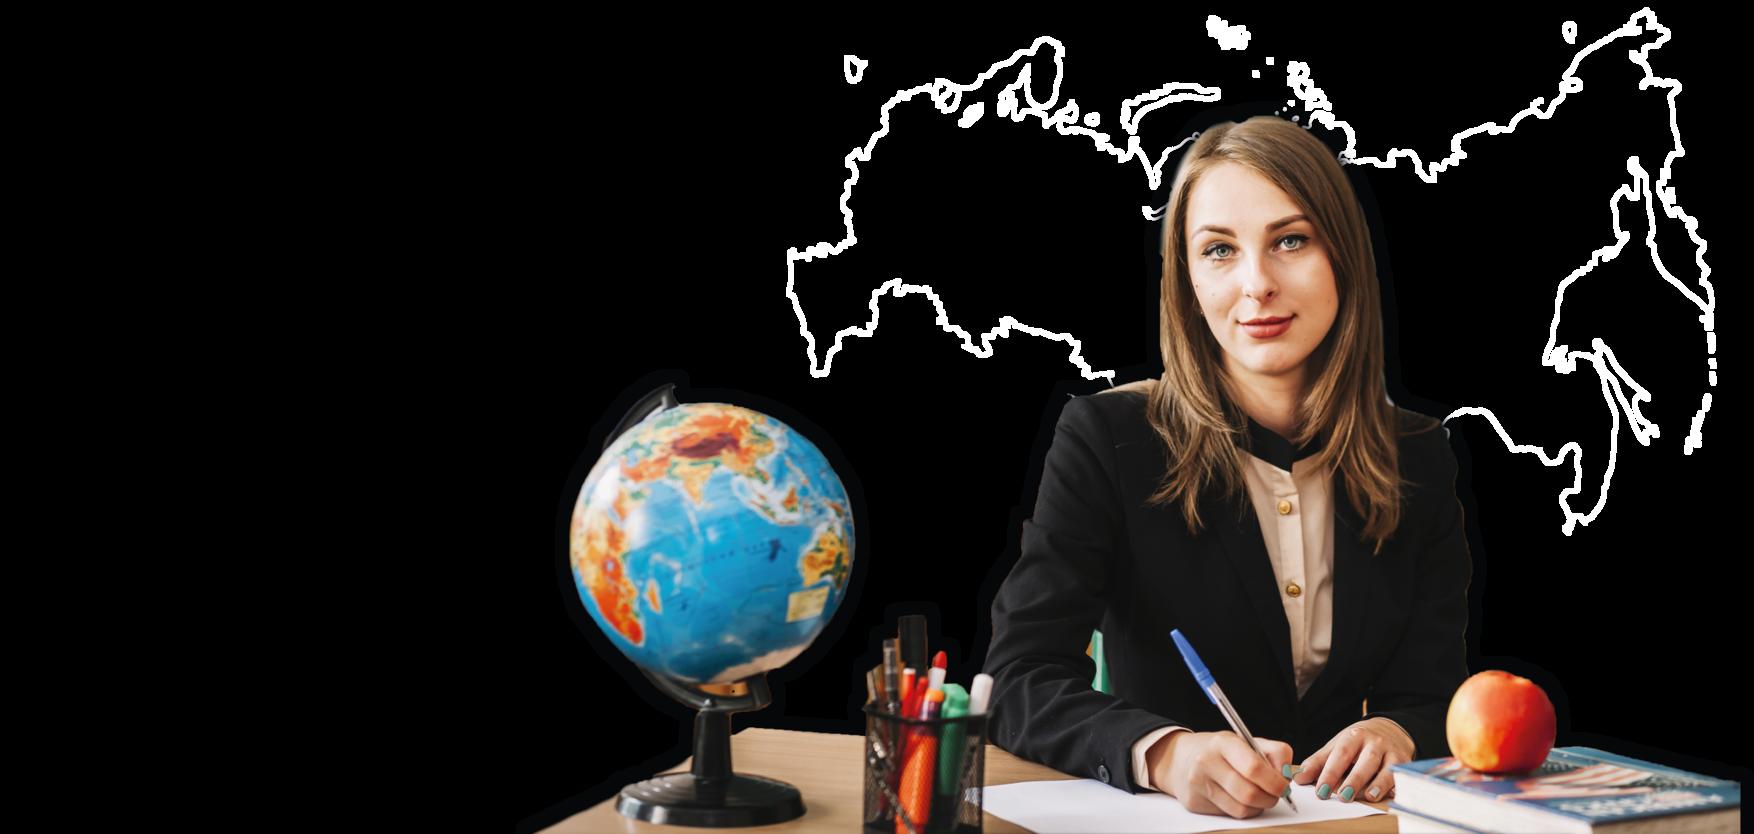 Курсы подготовки к олимпиаде по географии в Москве